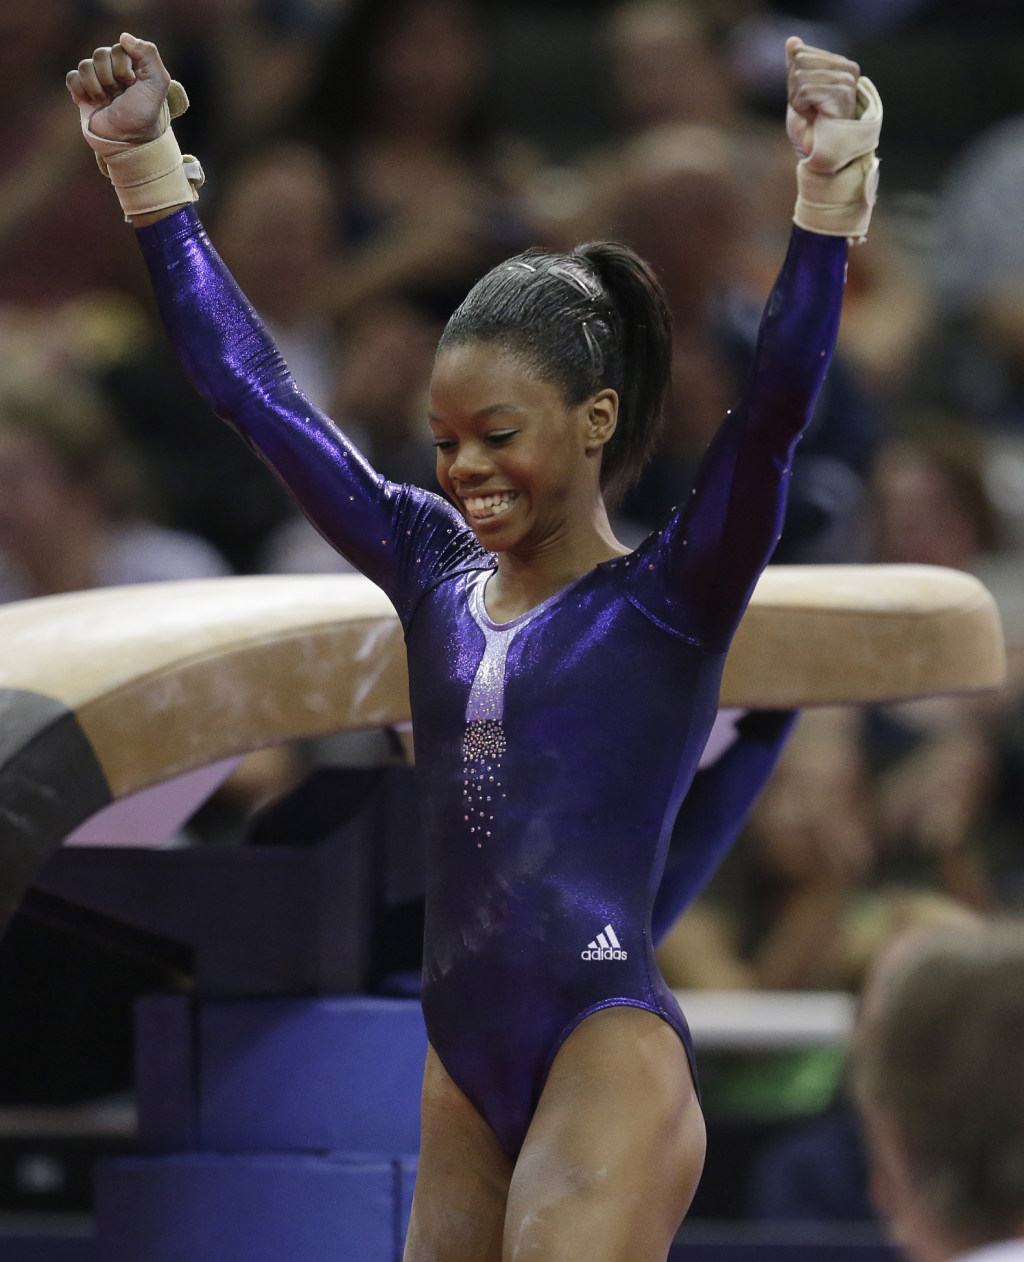 Cocoa Popps Gabby Douglas Helps USA Gymnastics Team Get 1024x1262